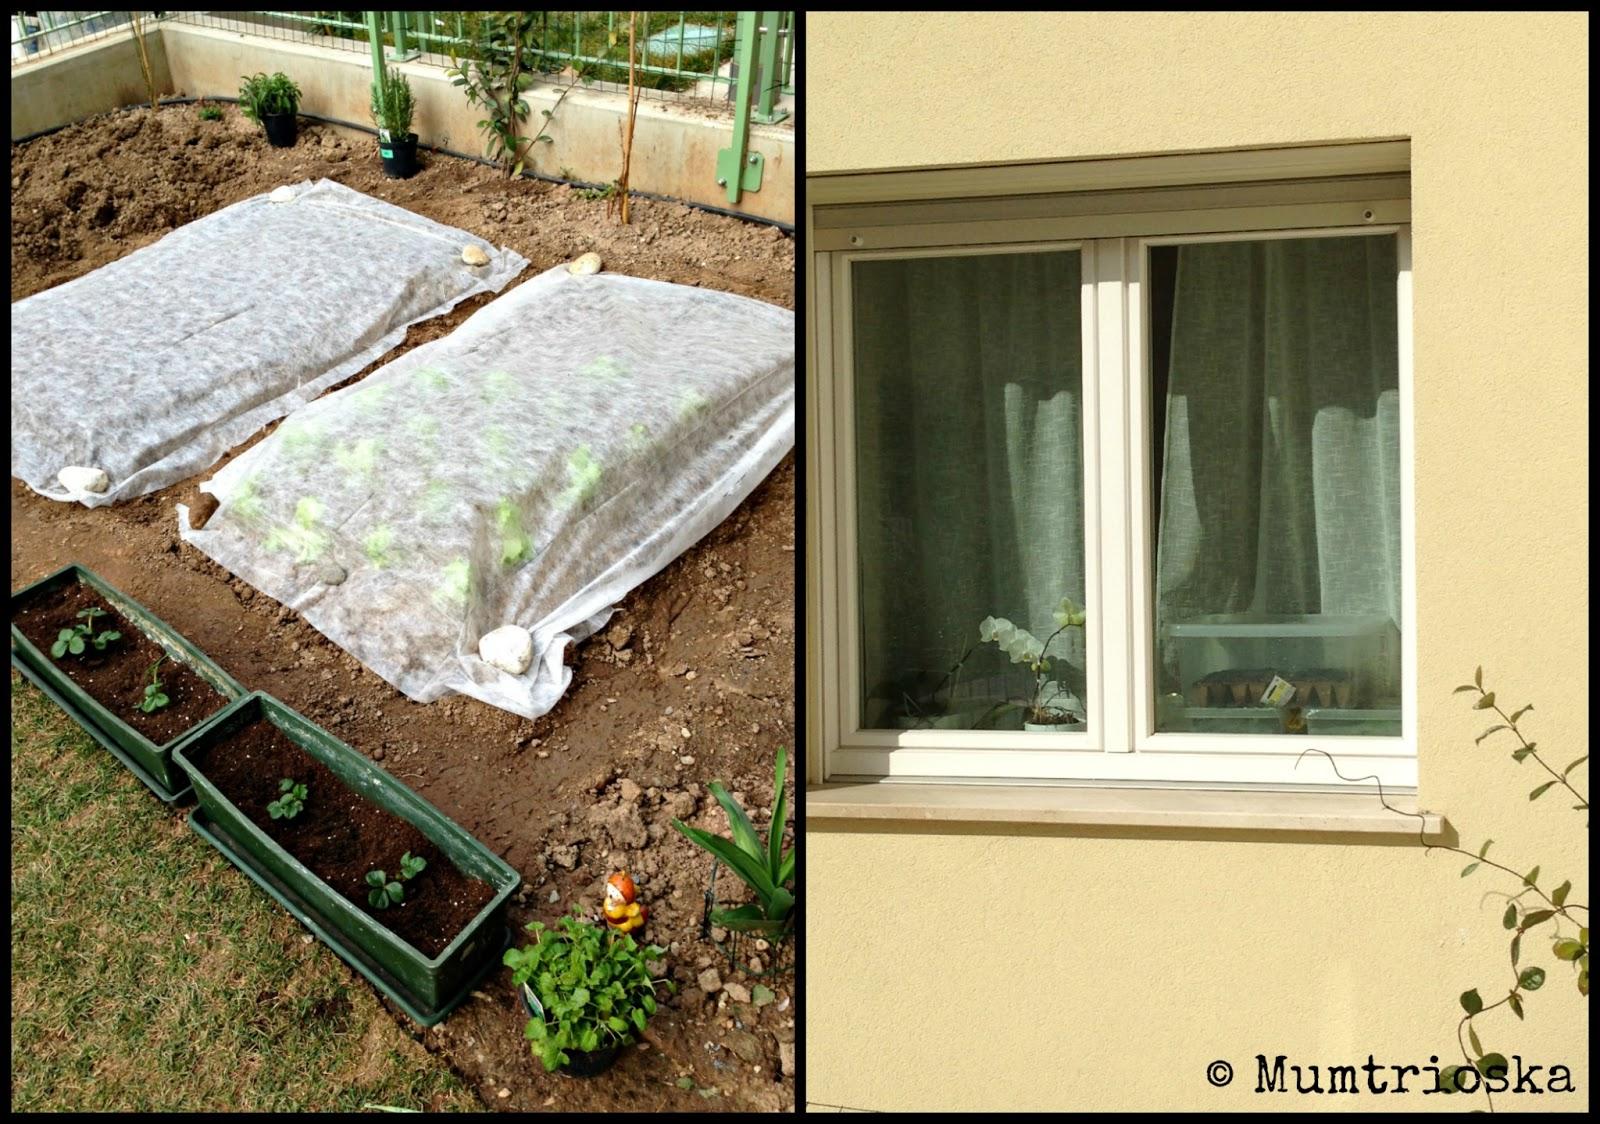 Mumtrioska orto in giardino semine e trapianti orto for Piastrelle 200x100